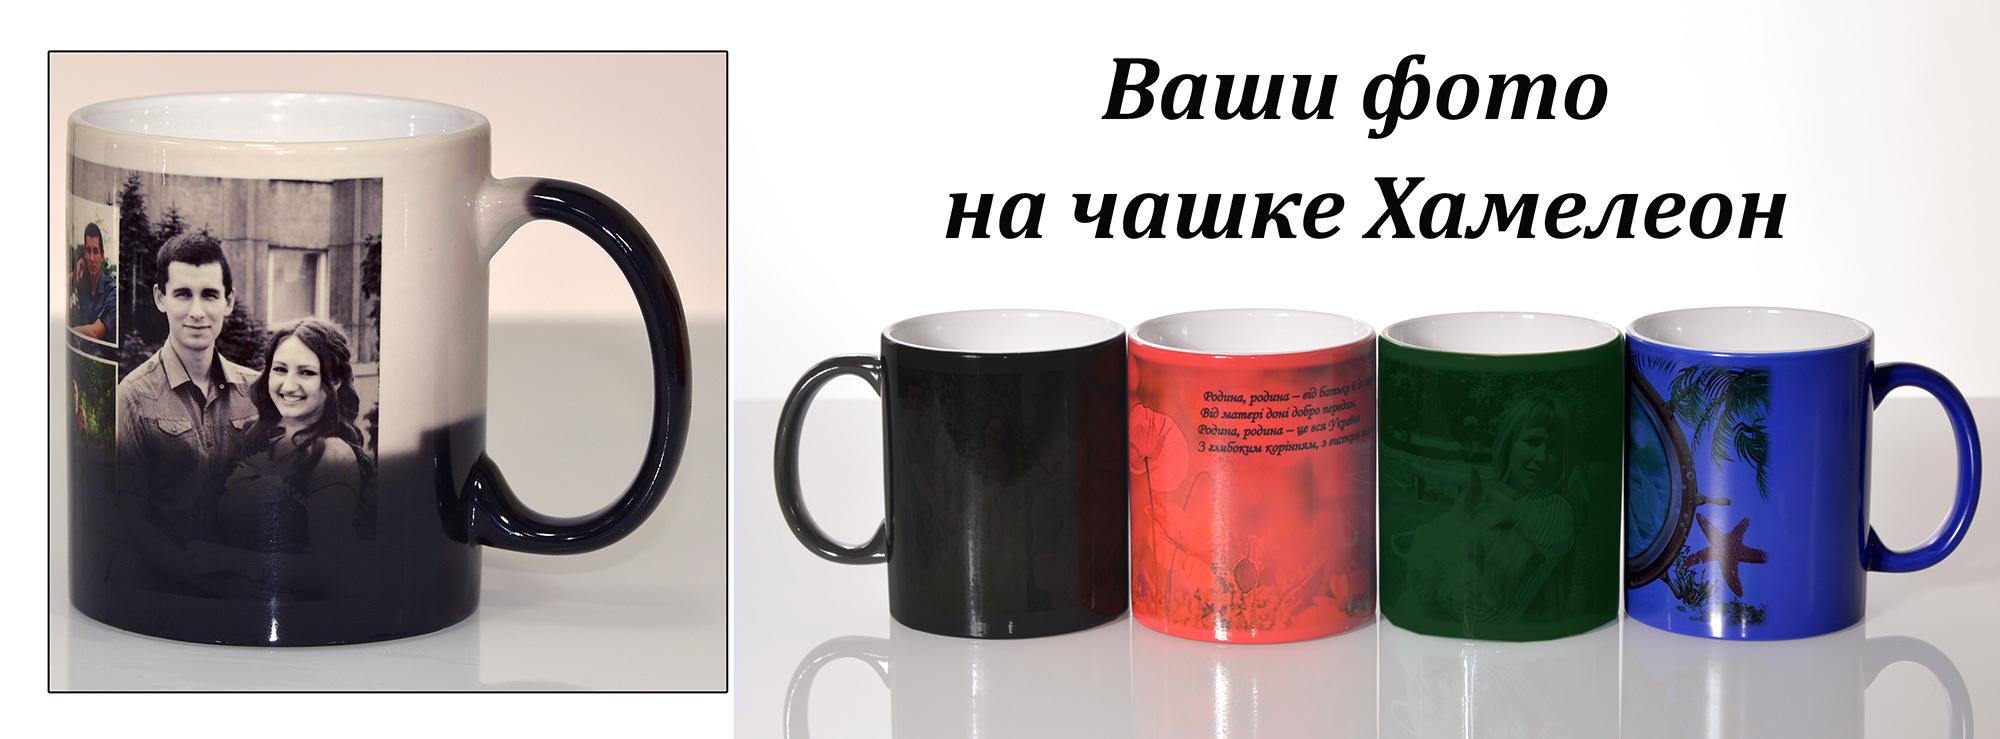 фотография чашки в высоком разрешении